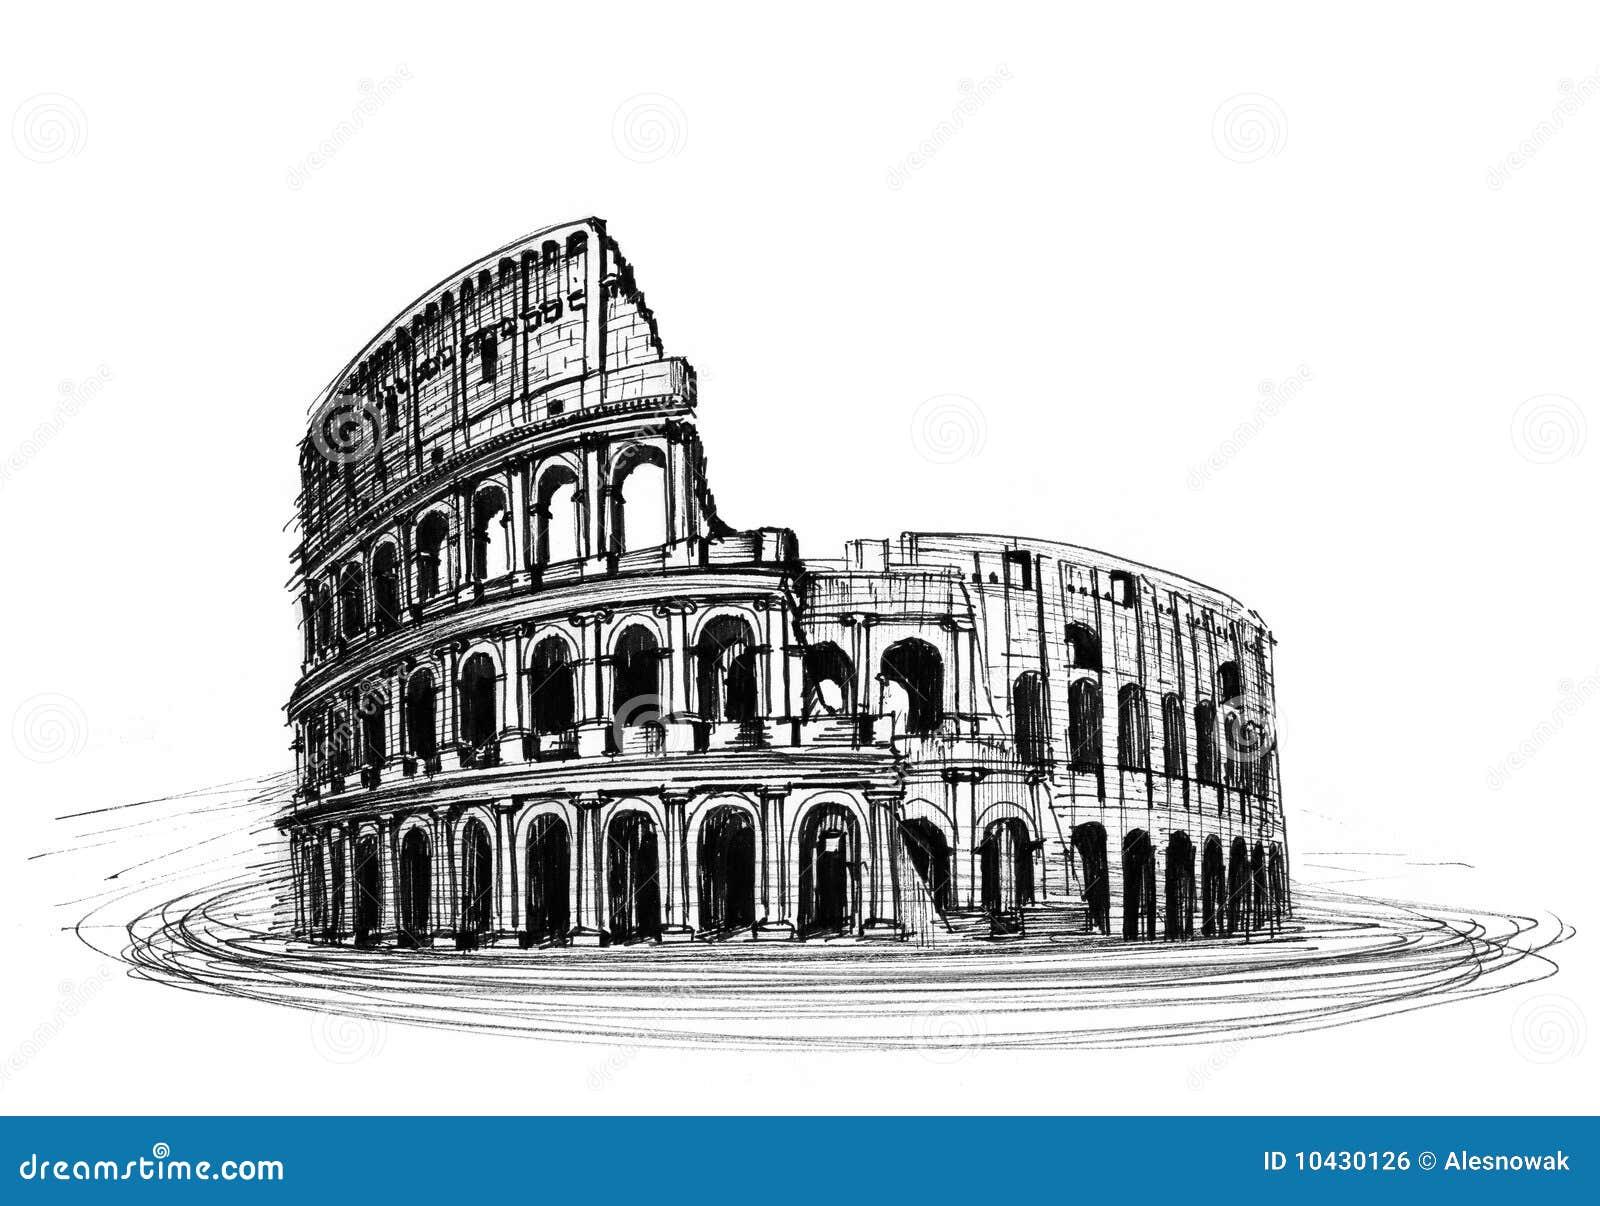 Coliseum Royalty Free Stock Image Image 10430126